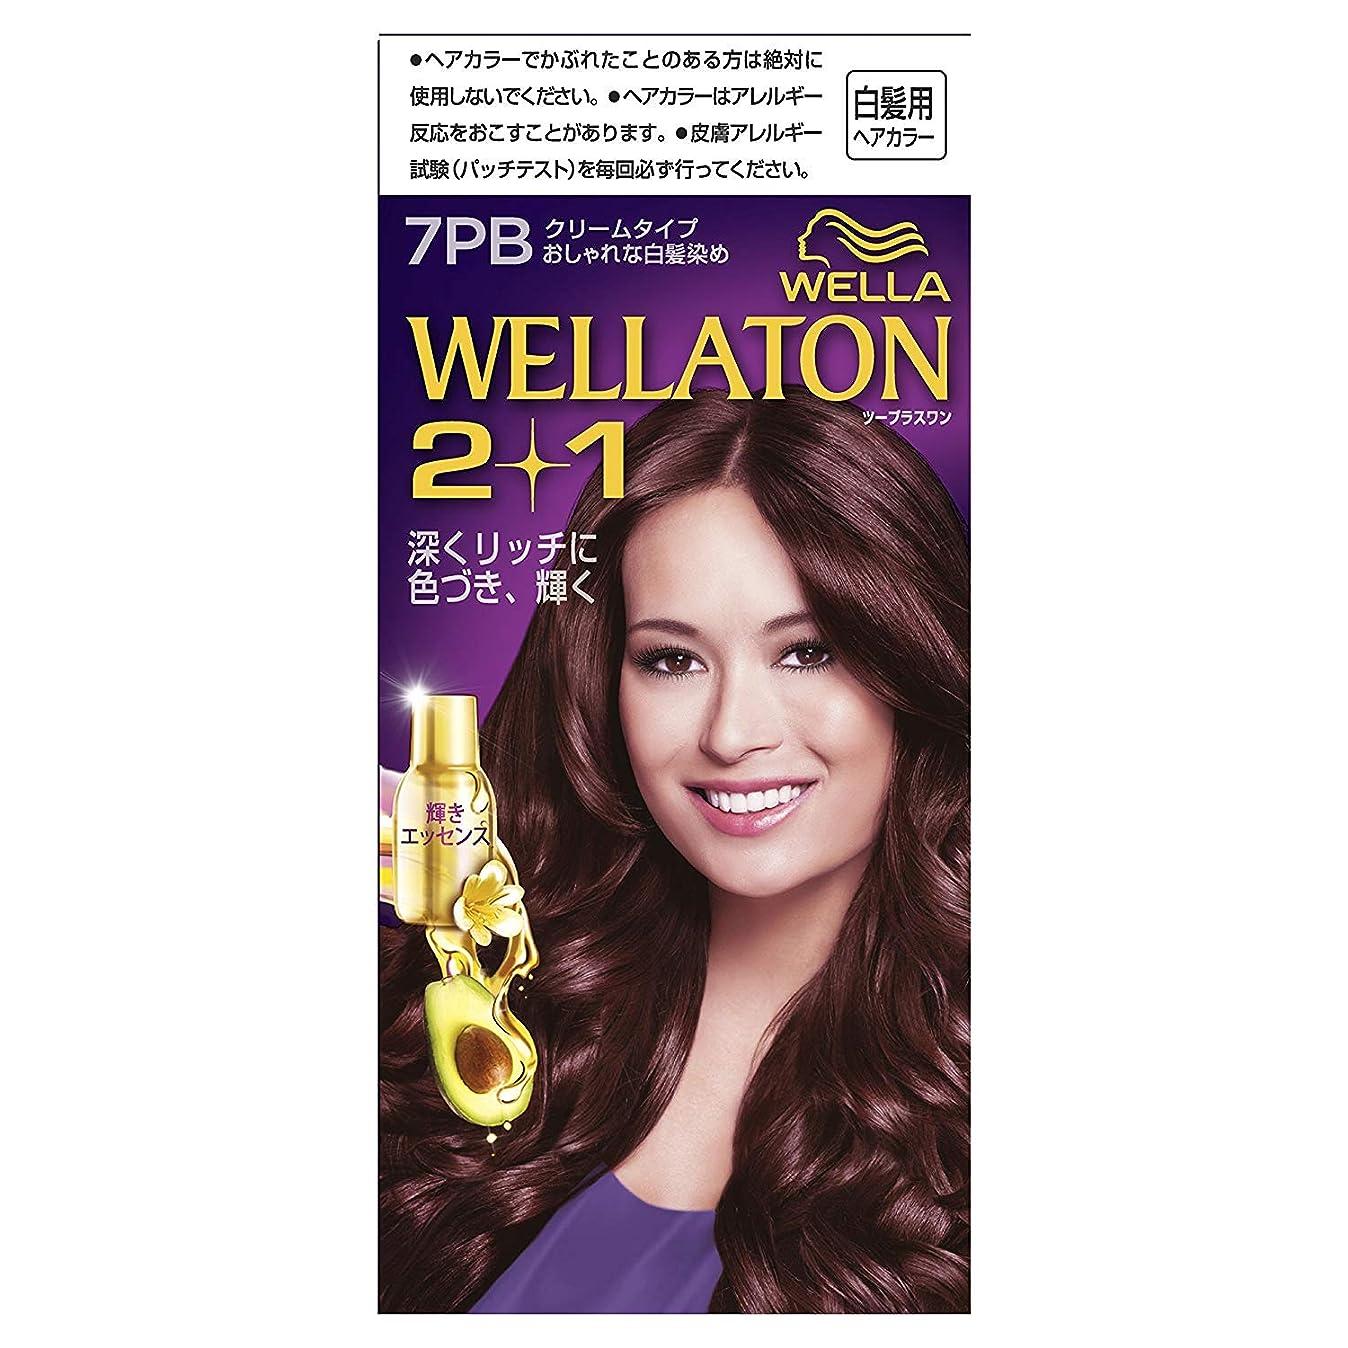 パイント翻訳気質ウエラトーン2+1 白髪染め クリームタイプ 7PB [医薬部外品] ×3個